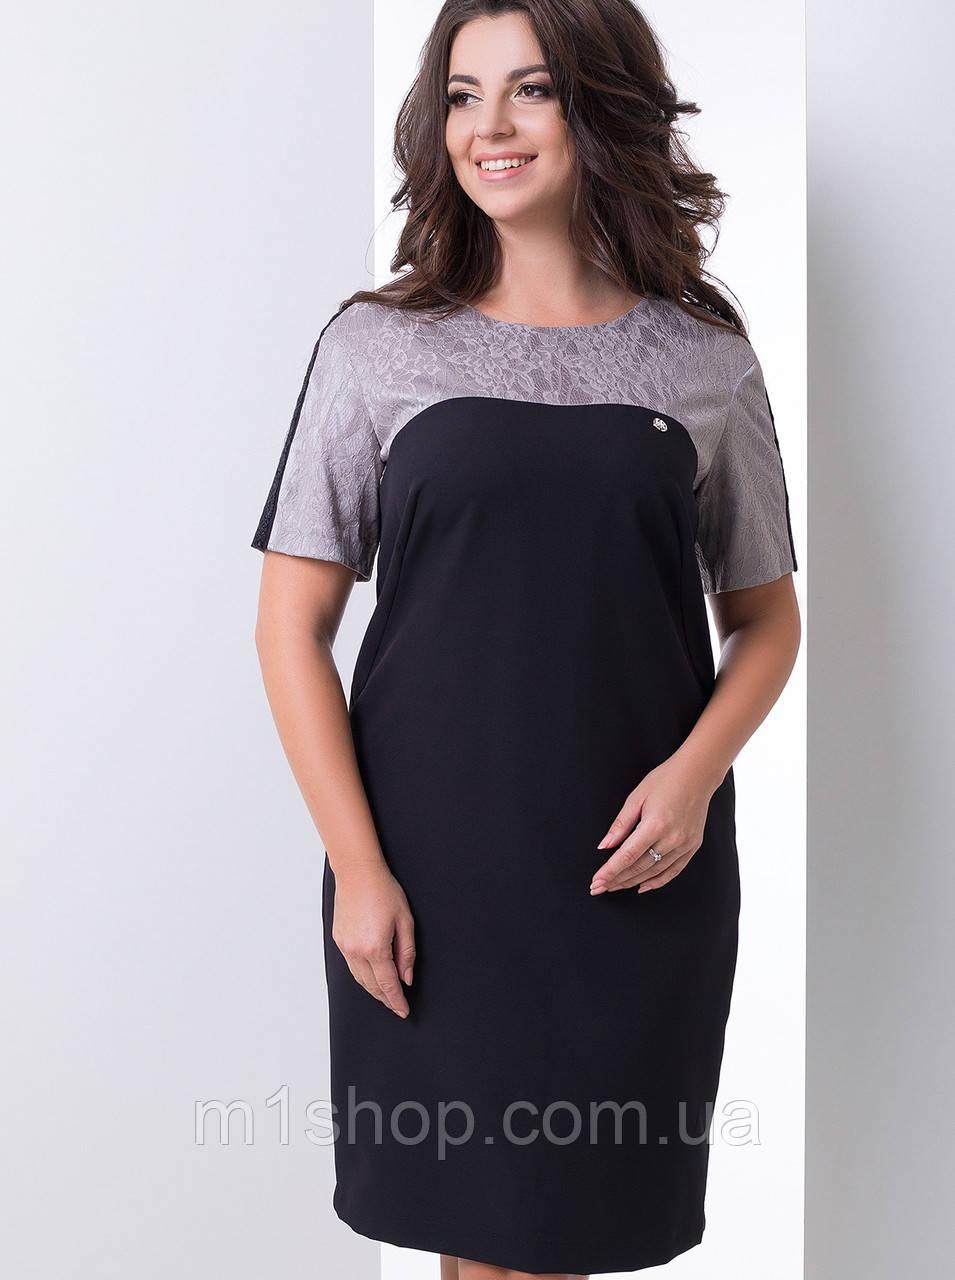 Женское платье с гипюром на груди больших размеров (Люсси lzn)